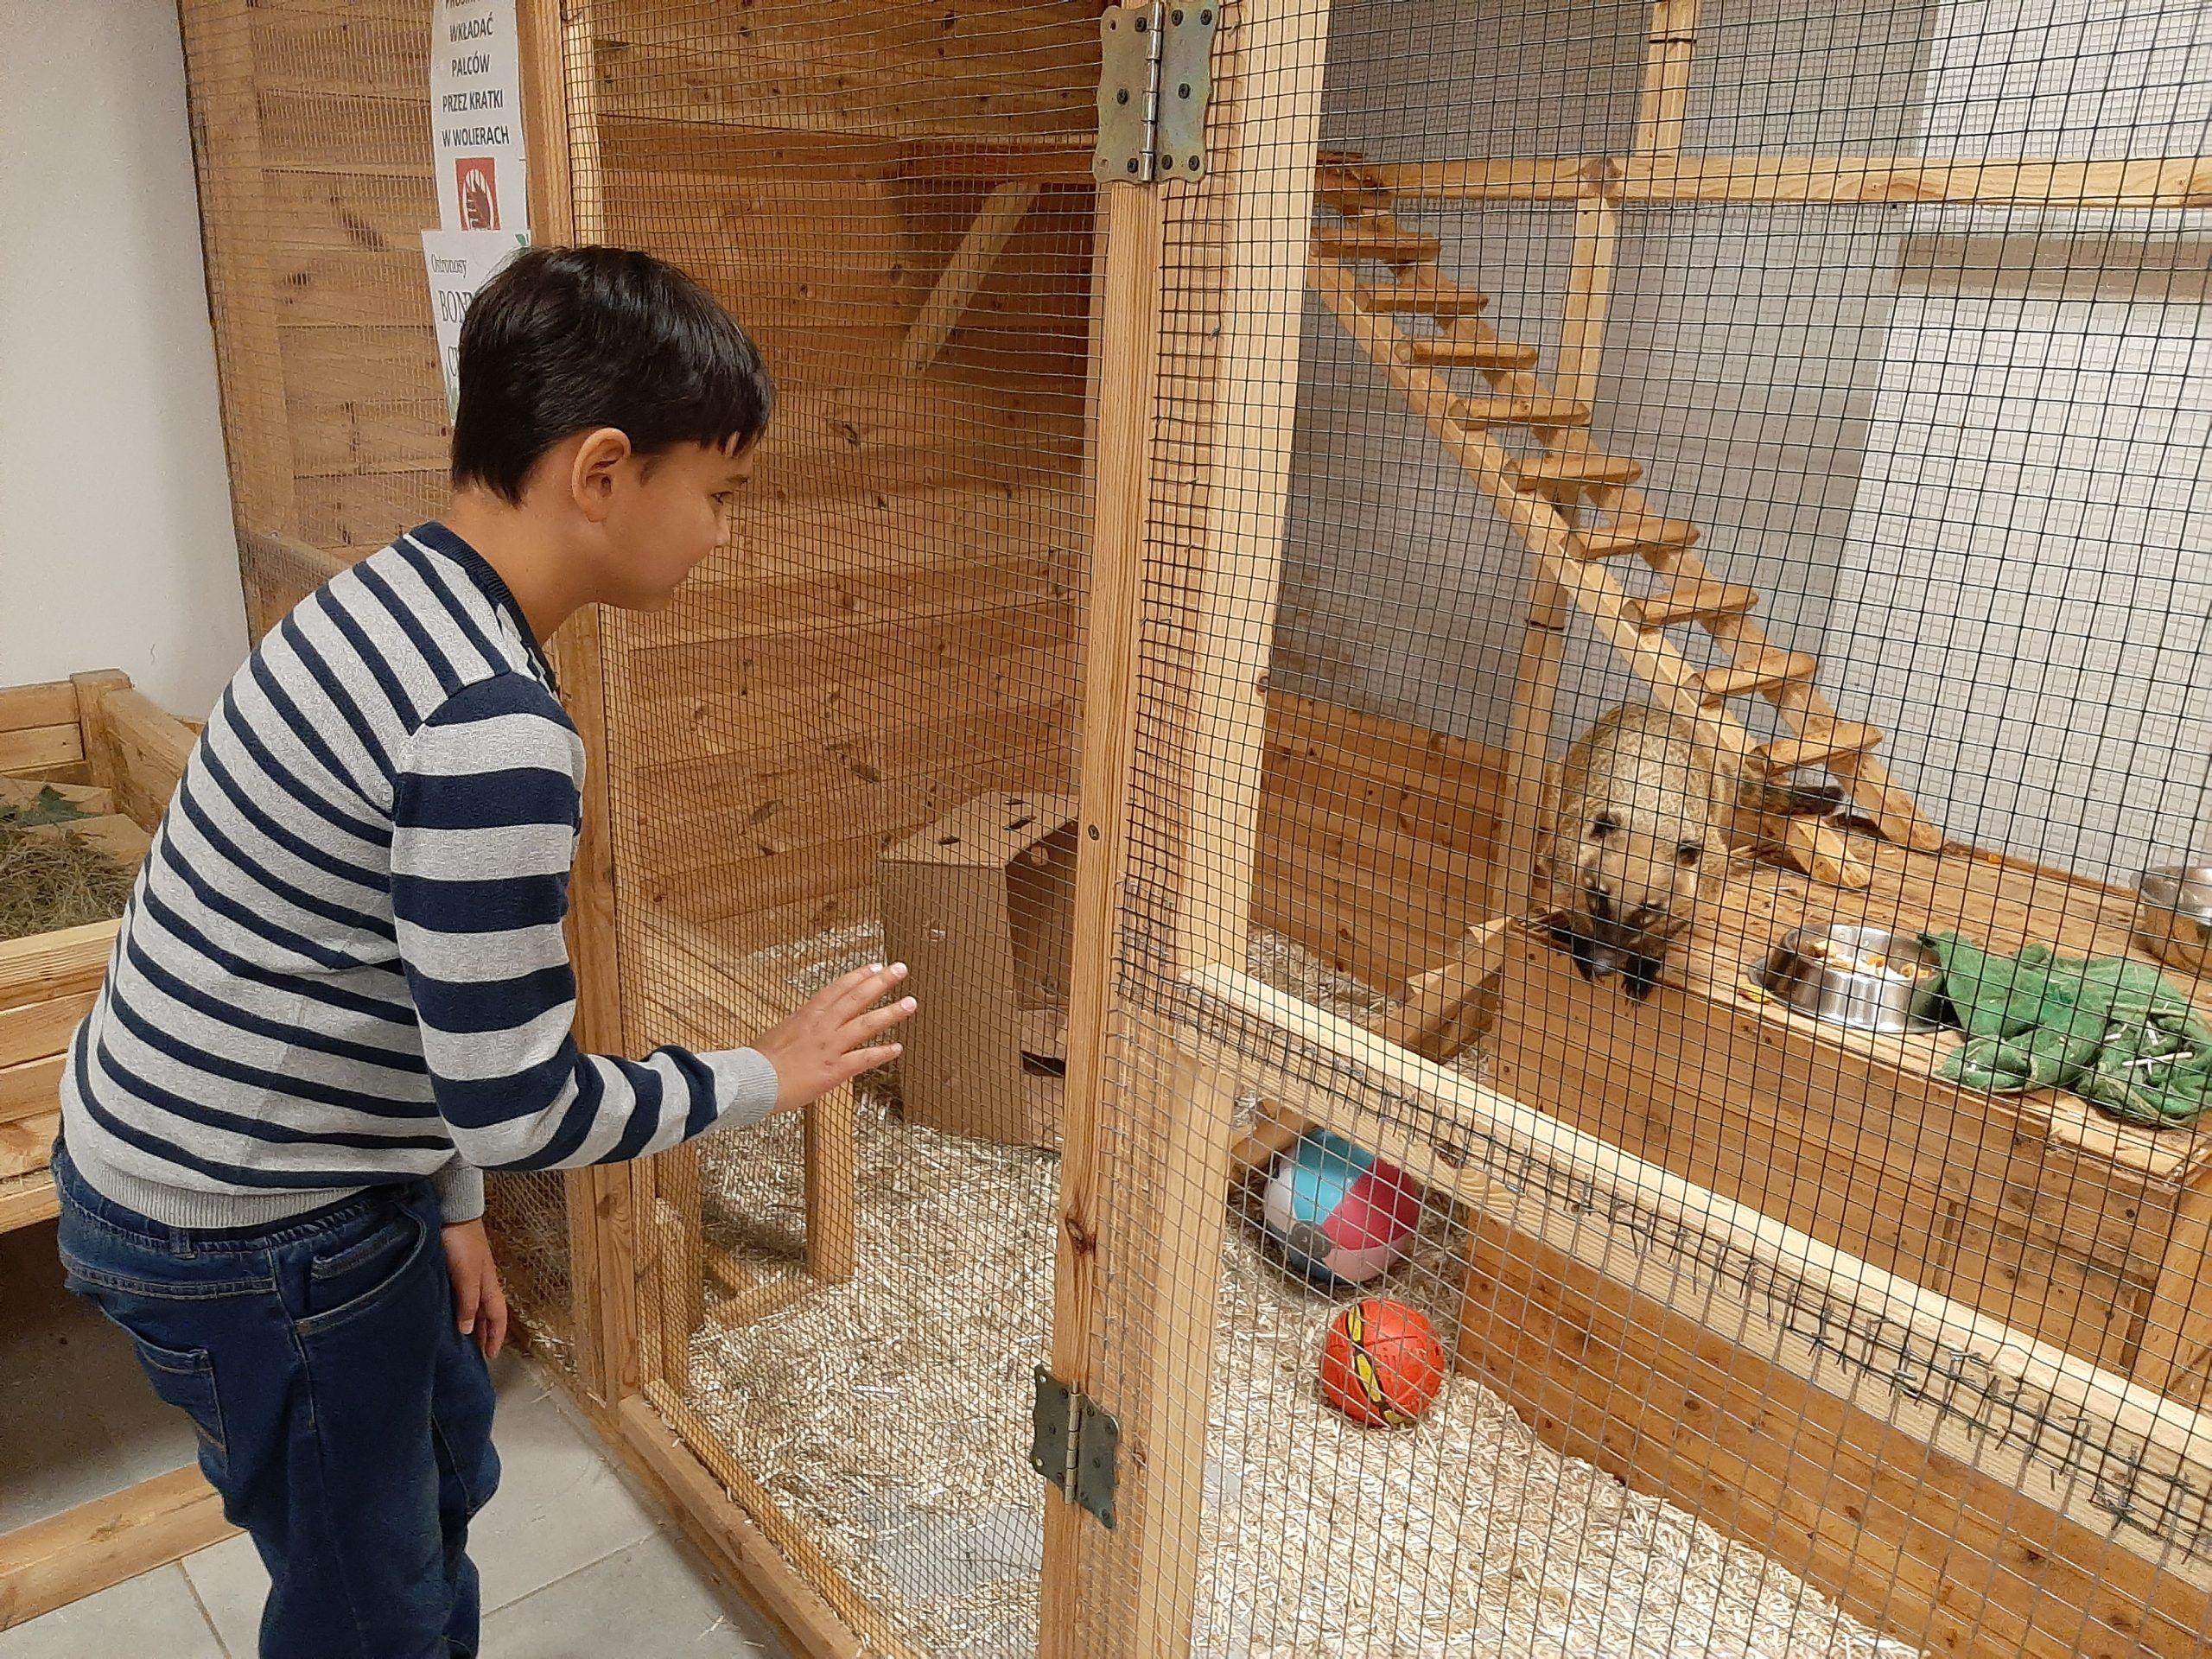 Wizyta w Mini Zoo grupy WAG (Wild Animal Group)